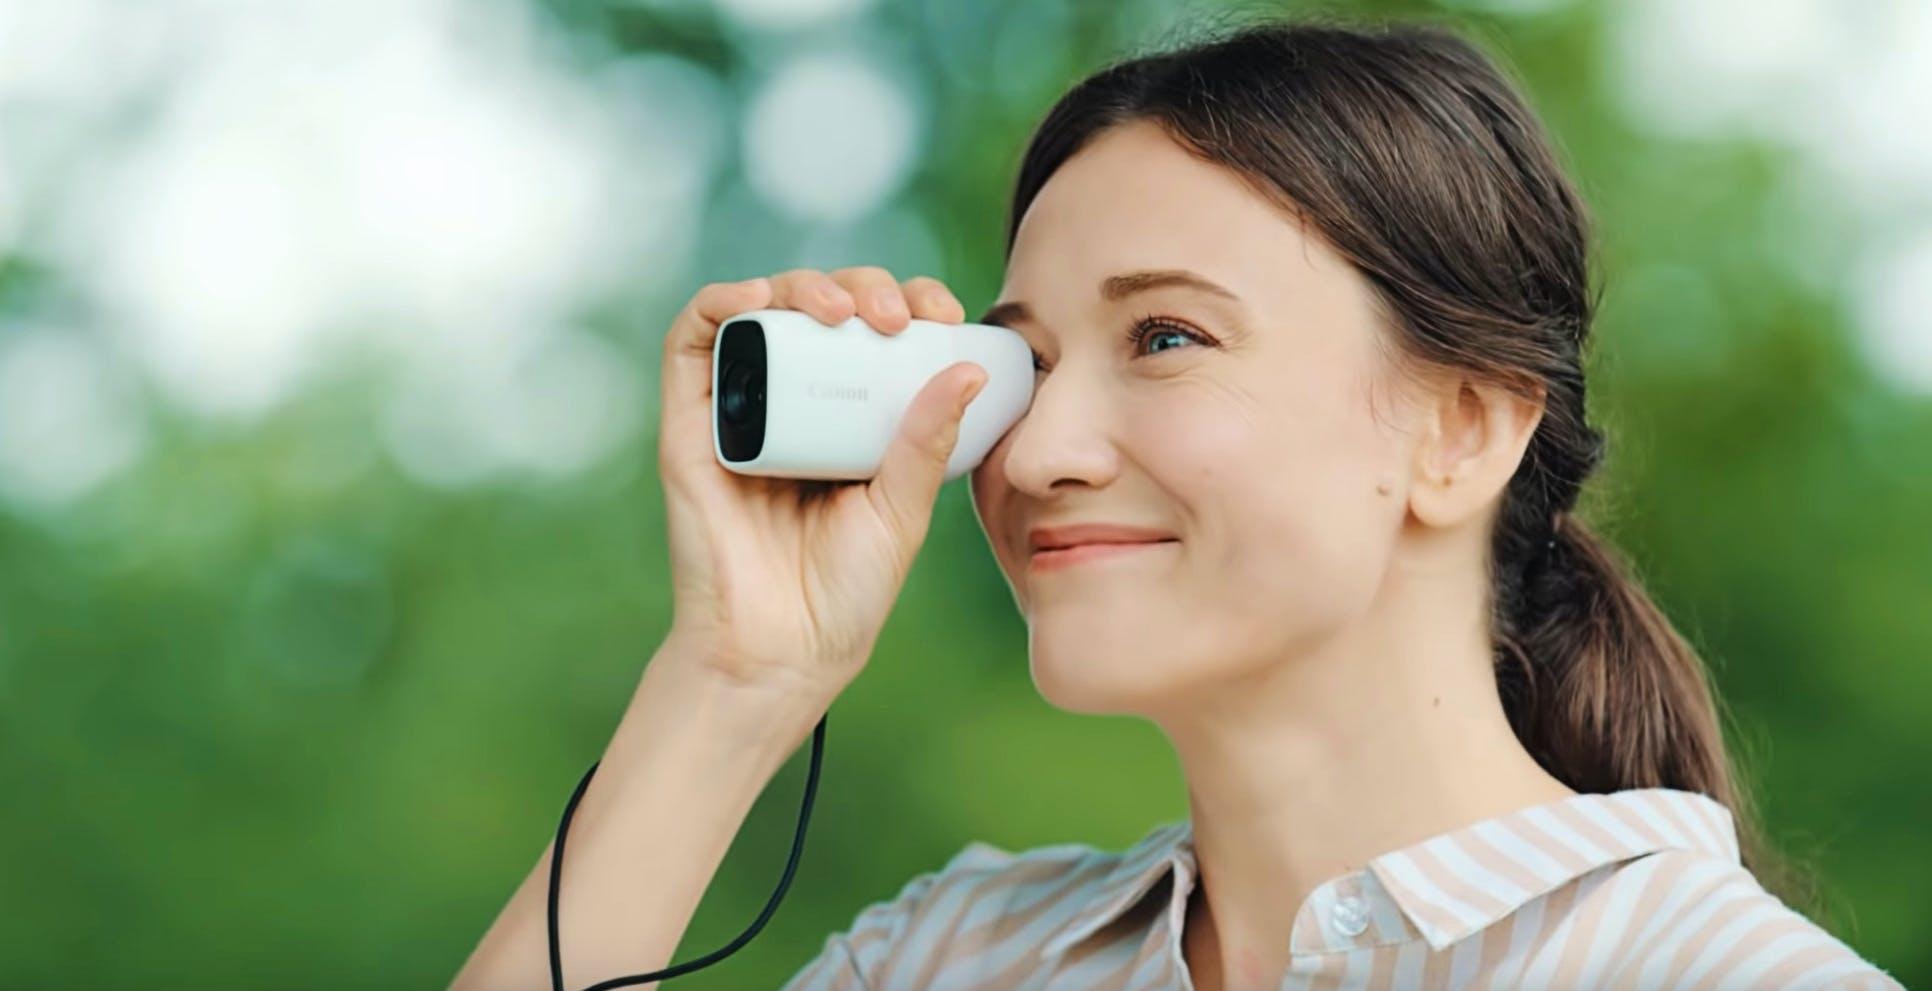 Ecco PowerShot Zoom, il teleobiettivo monoculare da 400 mm di Canon